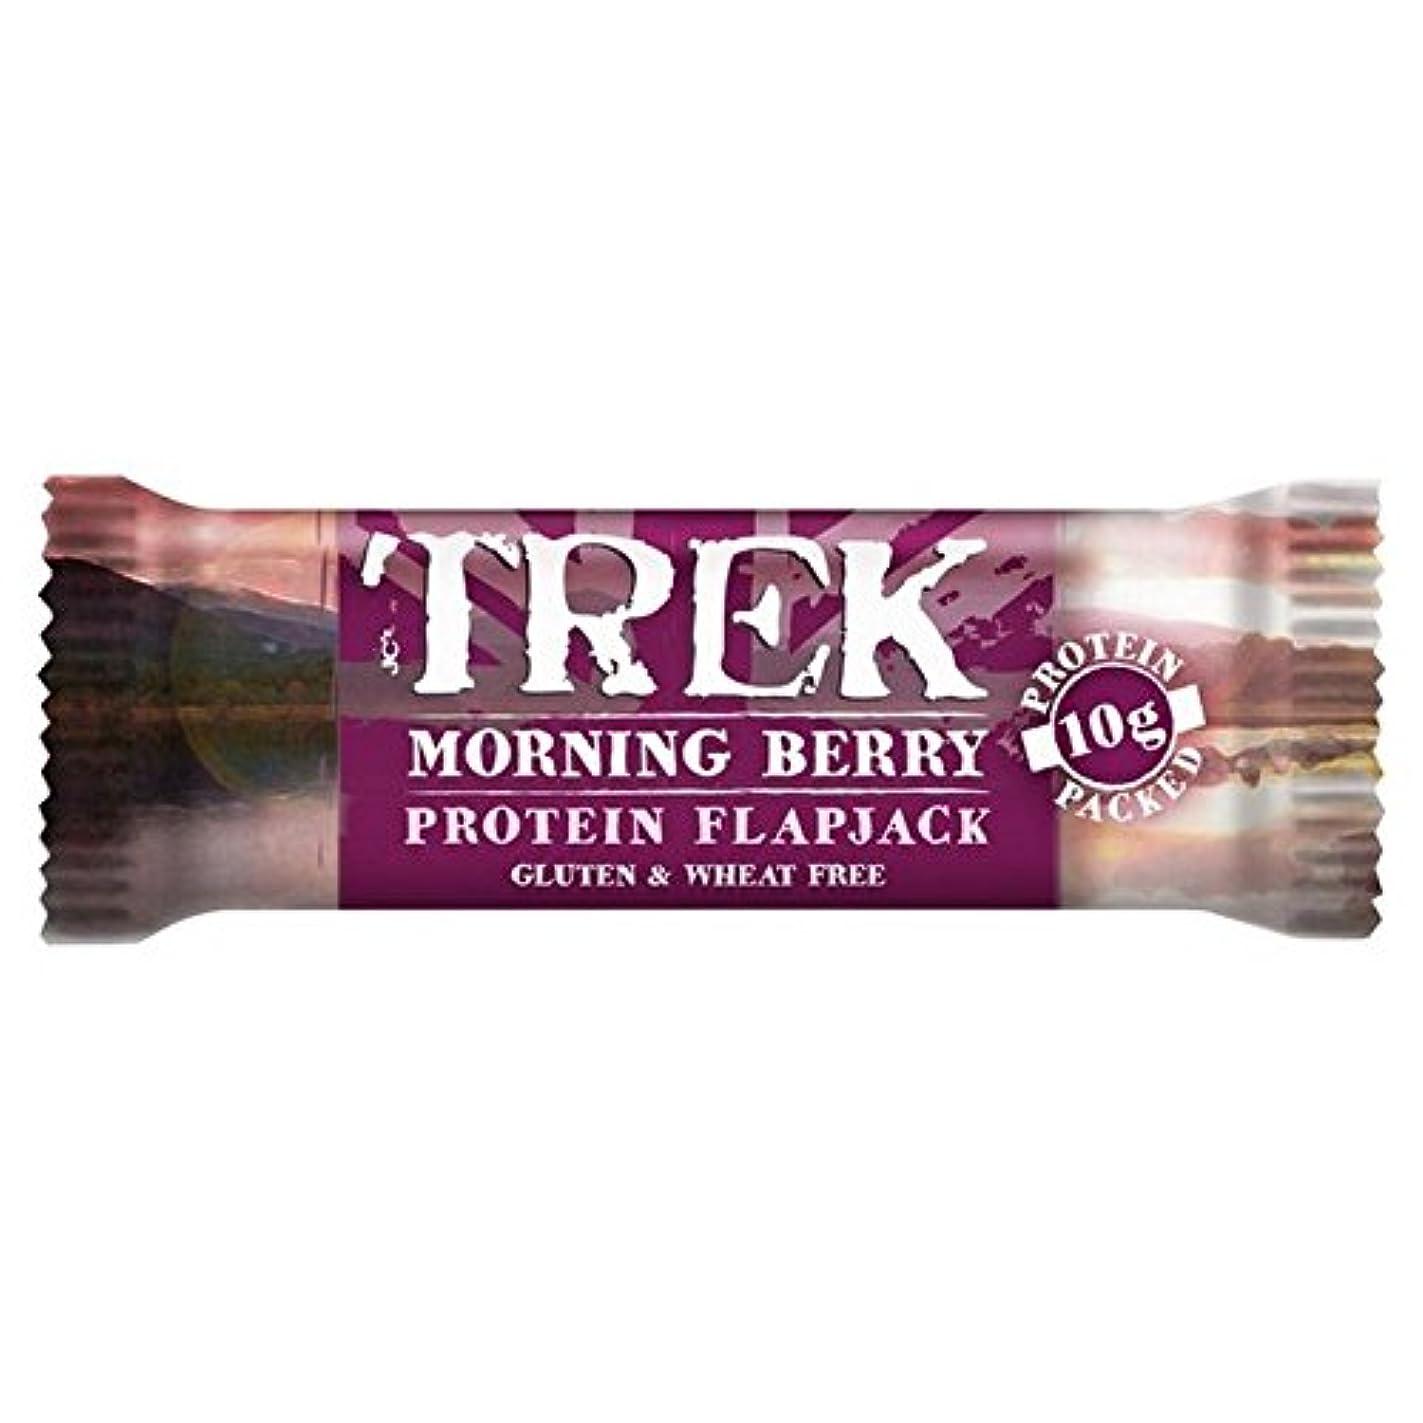 一貫したカウボーイ誕生(Trek (トレッキング)) 朝ベリーフラップジャックの50グラム (x4) - Trek Morning Berry Flapjack 50g (Pack of 4) [並行輸入品]